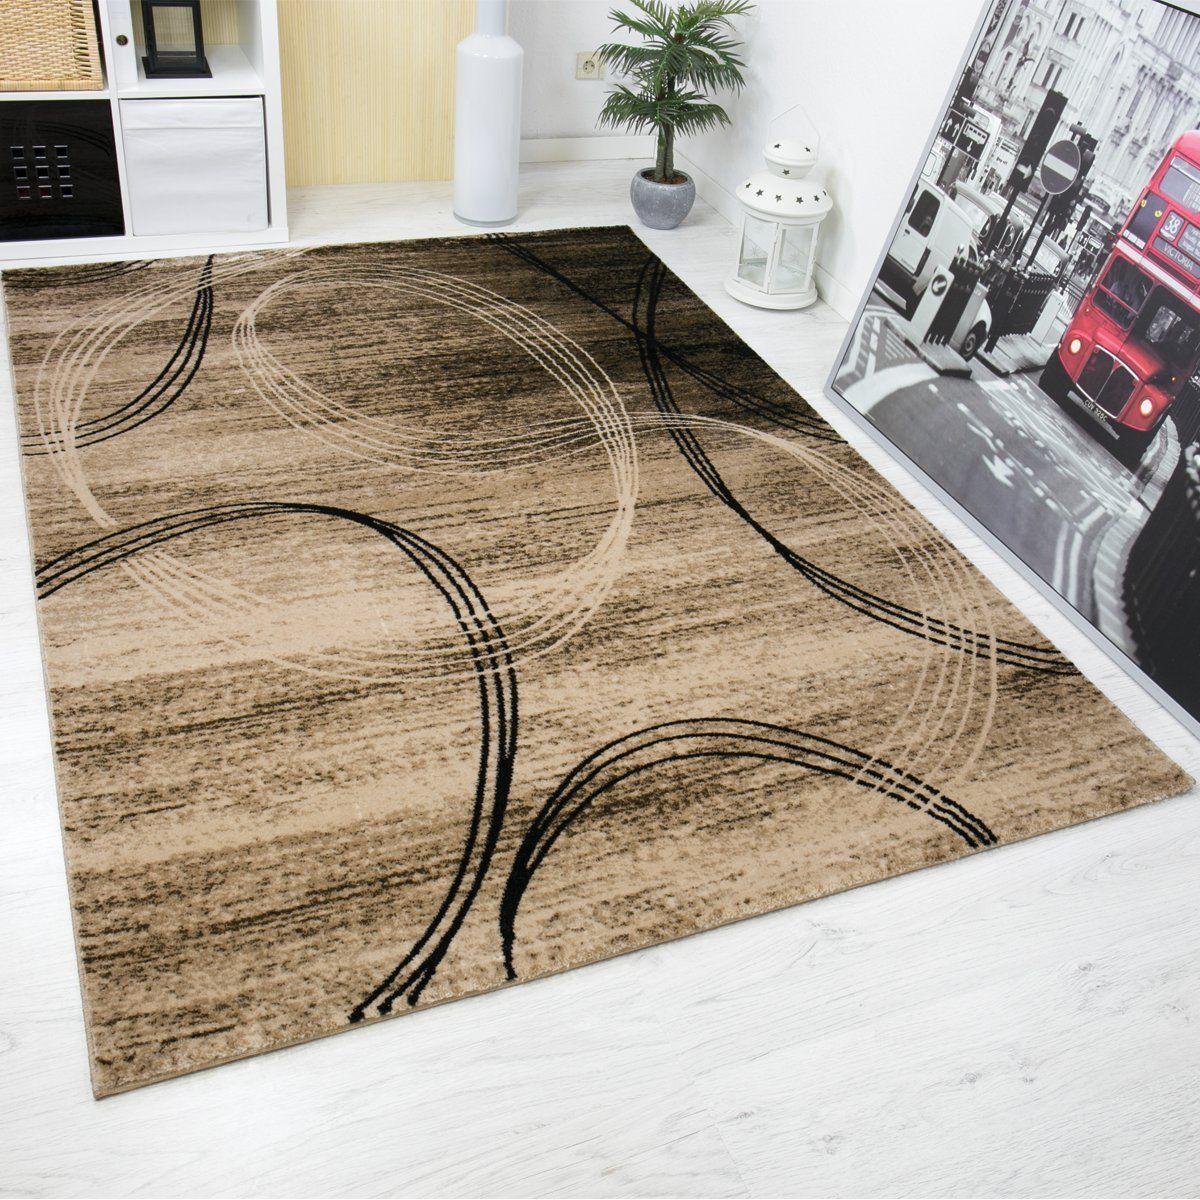 klassischer wohnzimmer teppich sehr dicht gewebt kreisel muster ... - Teppich Wohnzimmer Braun